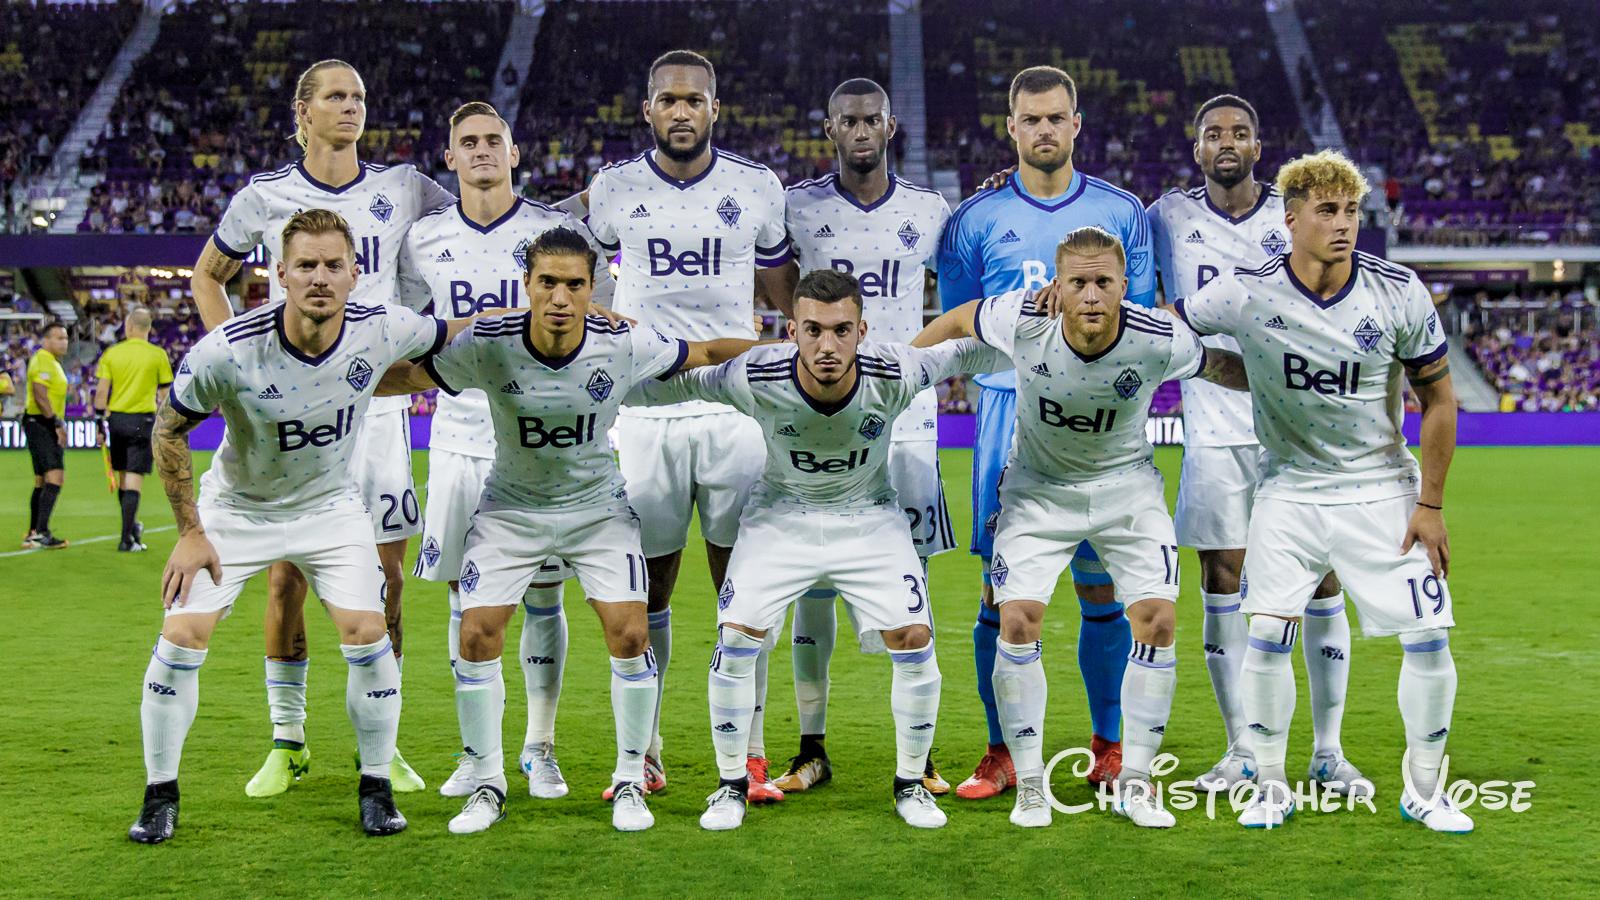 2017-08-26 Vancouver Whitecaps FC Team Photo.jpg